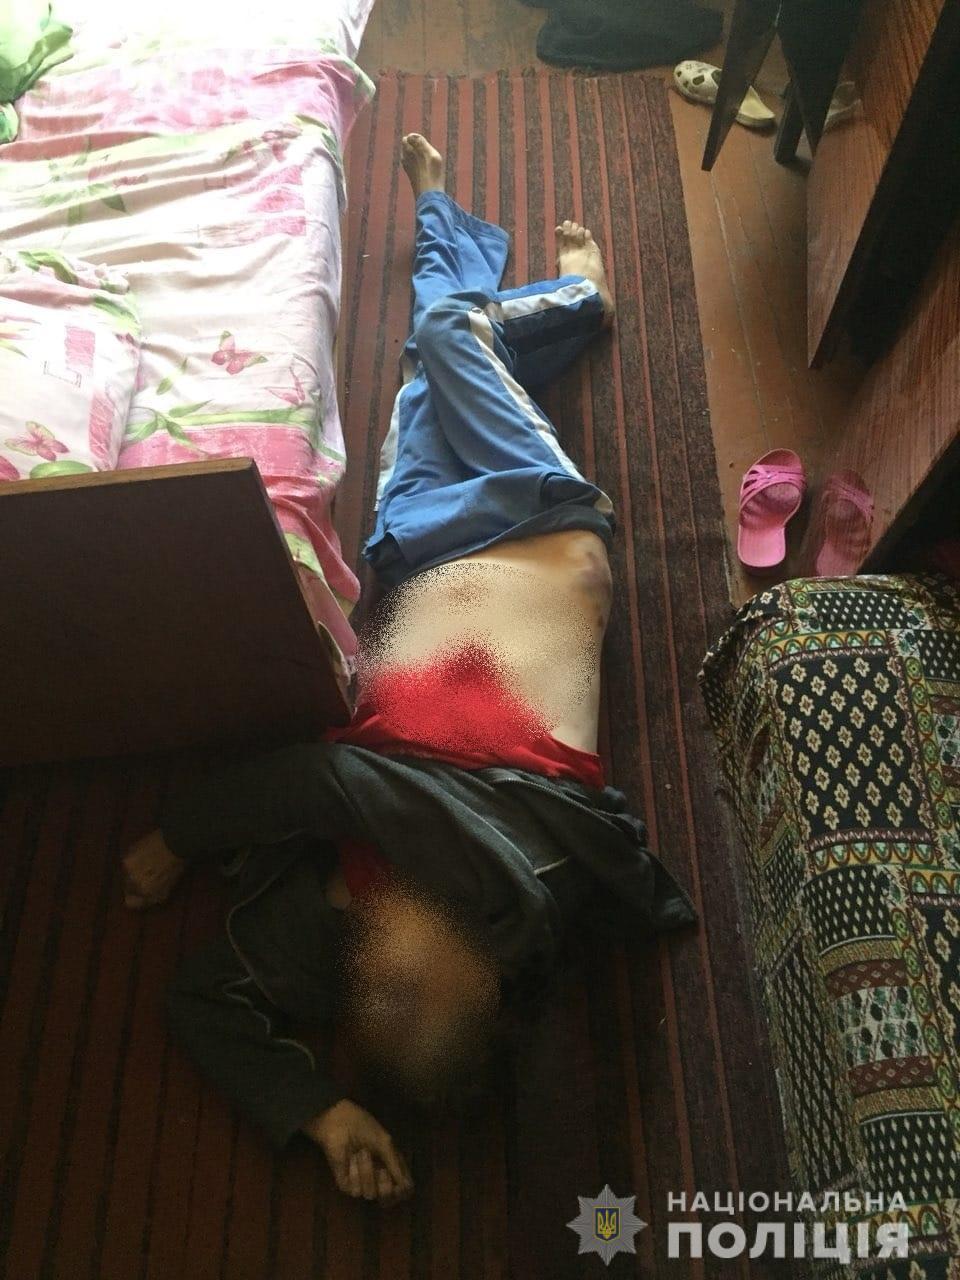 10 років за ґратами отримав чоловік, який на Броварщині до смерті забив власну матір -  - FOTO Vbyvstvo Brovary